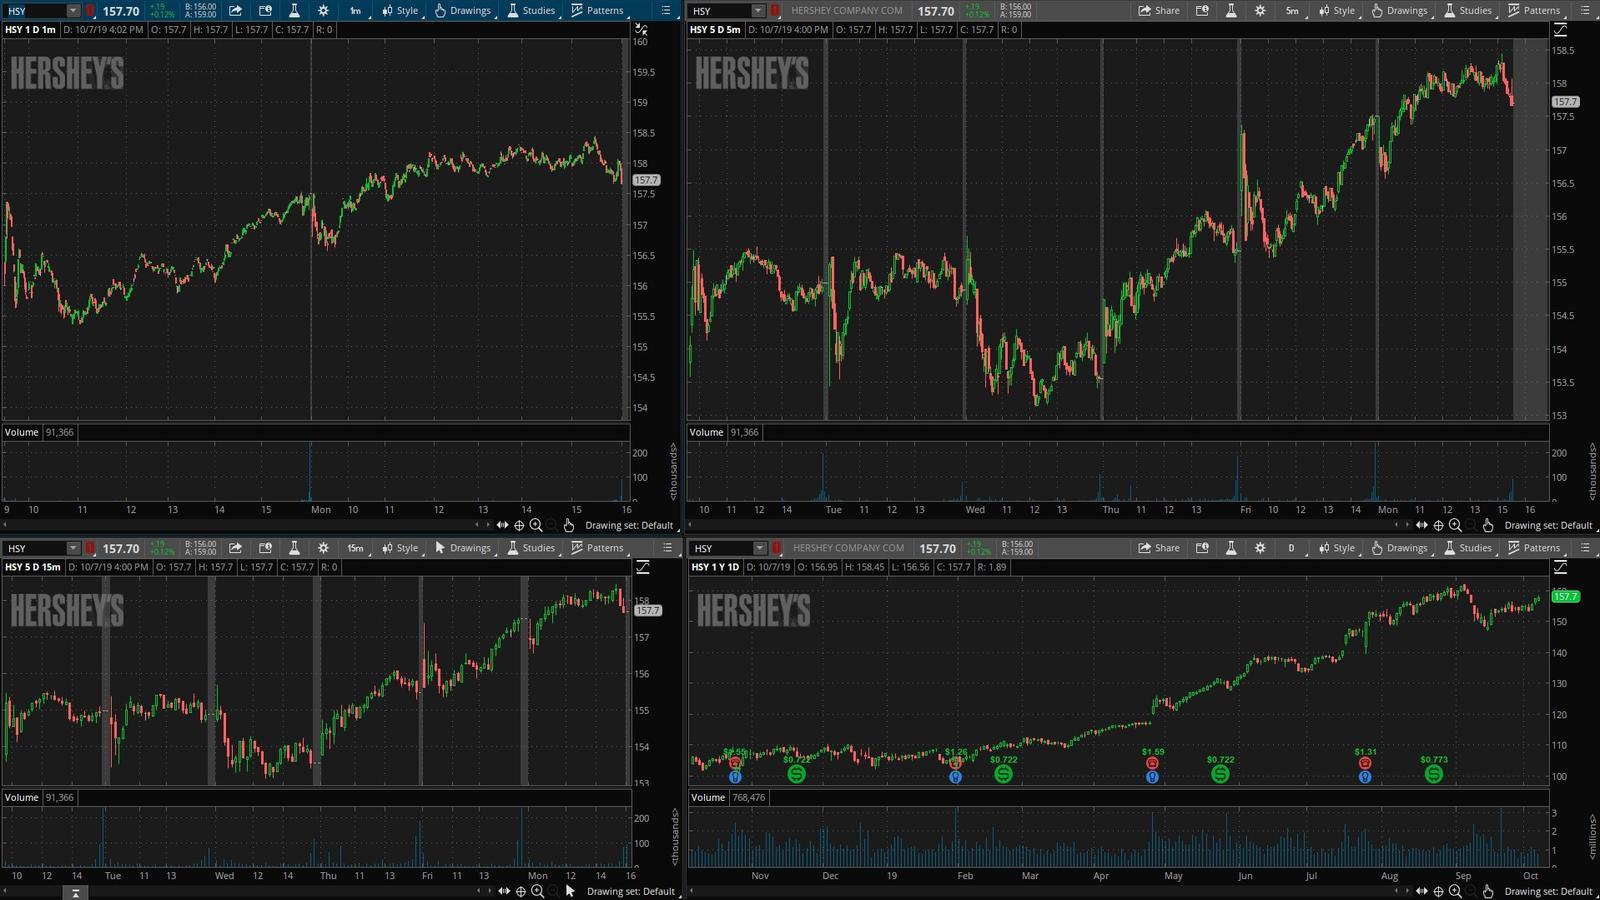 HSY - график акции на фондовой бирже